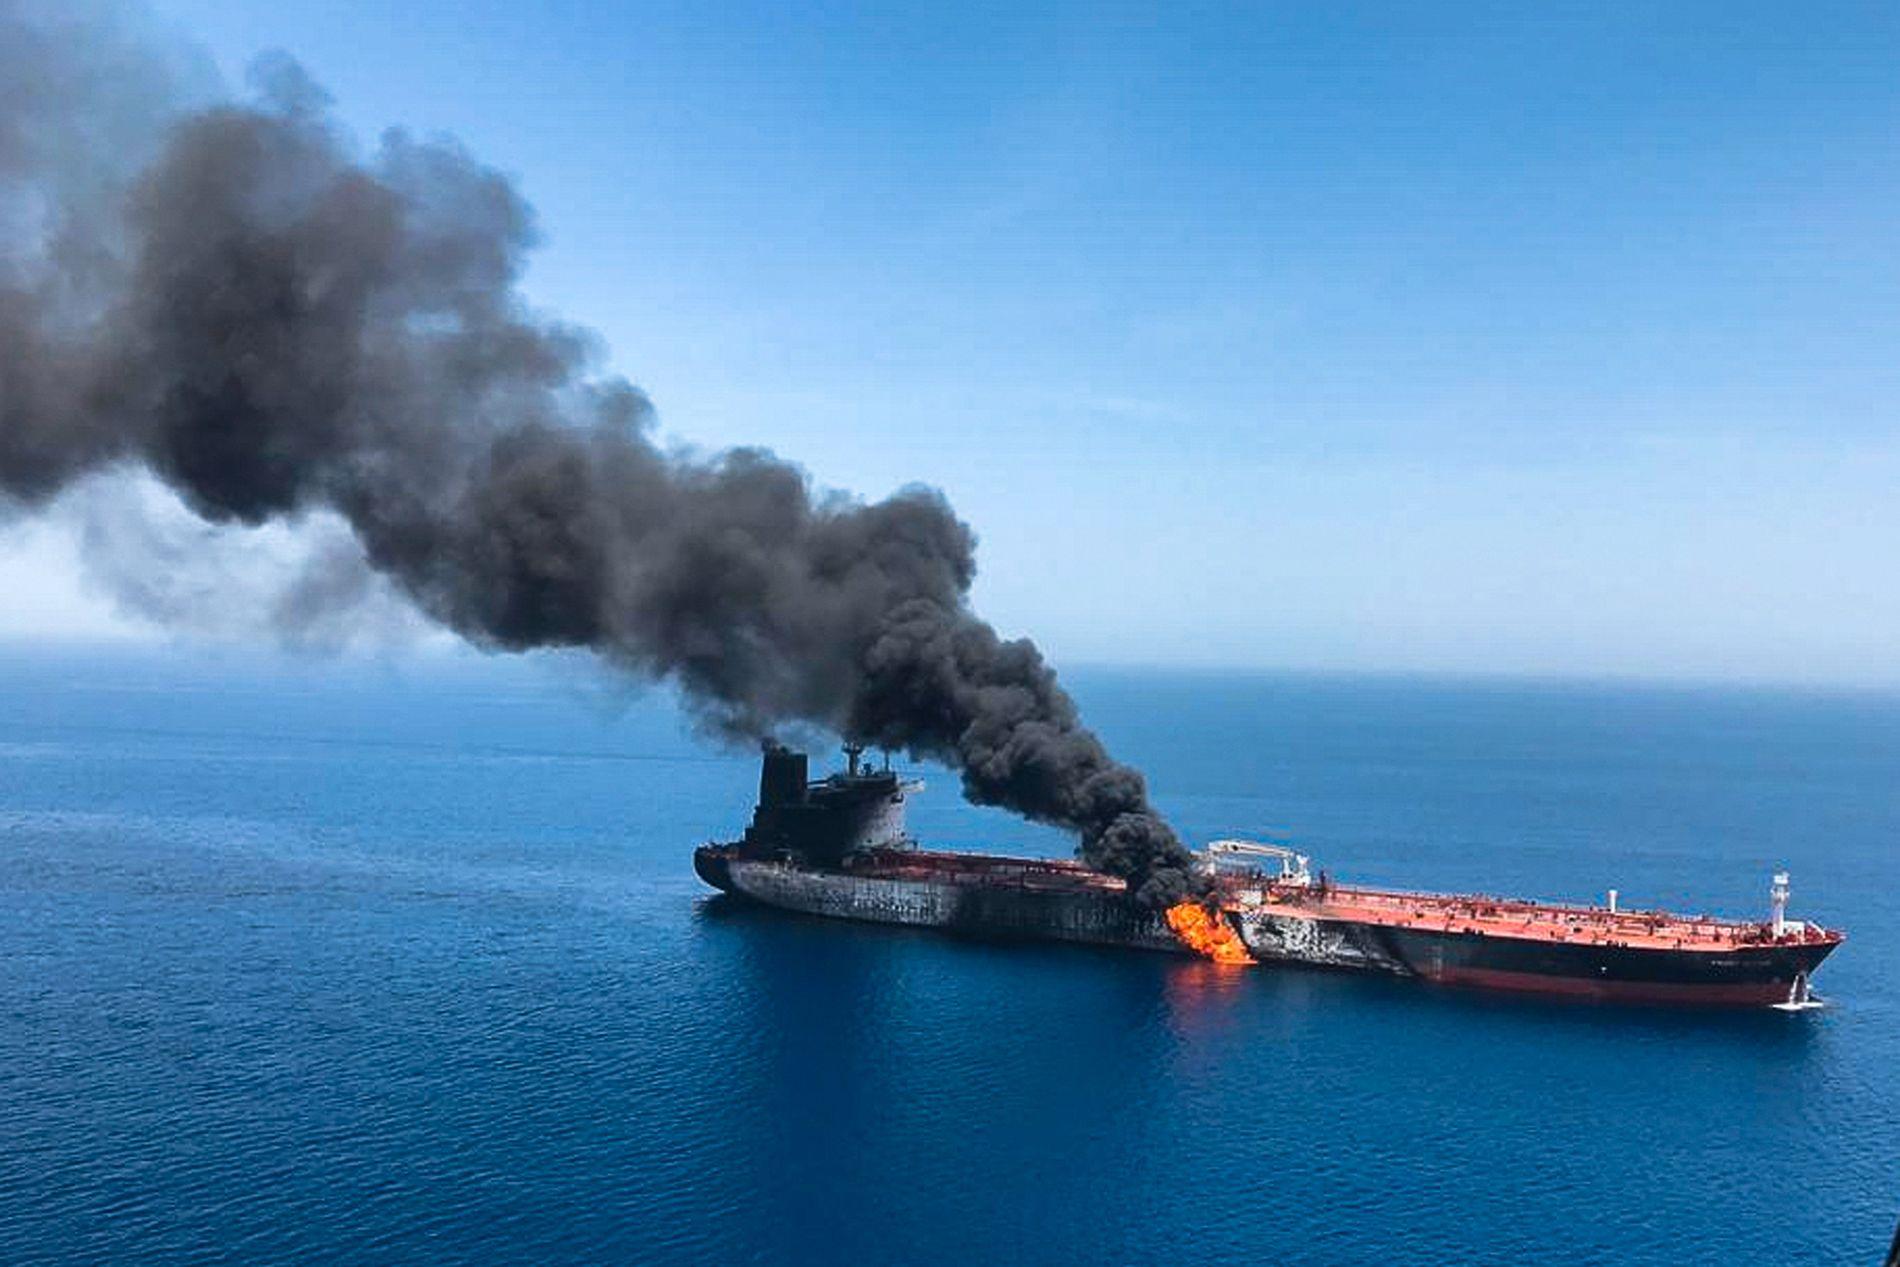 PÅ RANDEN AV KRIG: Spenninga er høg i farvanna utanfor Iran, mellom anna på grunn av fleire åtak mot oljetankarar. USA hevdar at Iran står bak, noko Iran nektar for. Biletet er frå eit åtak utanfor Hormuzstredet 13. juni.